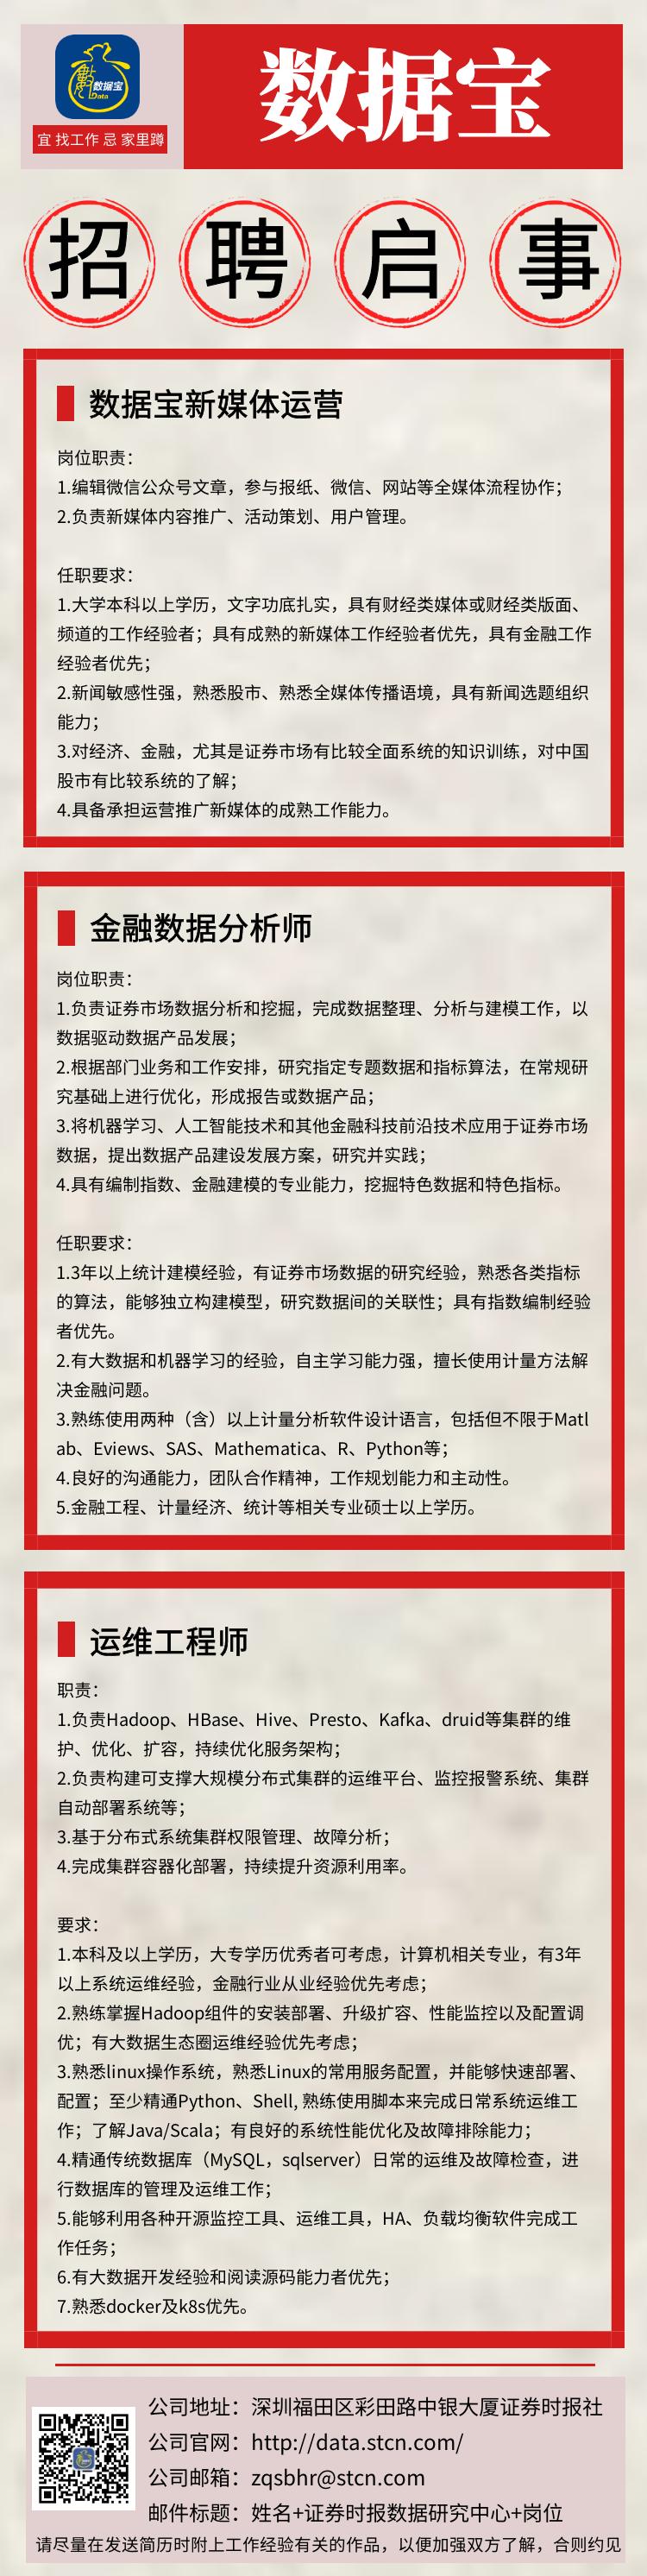 http://www.reviewcode.cn/youxikaifa/156278.html